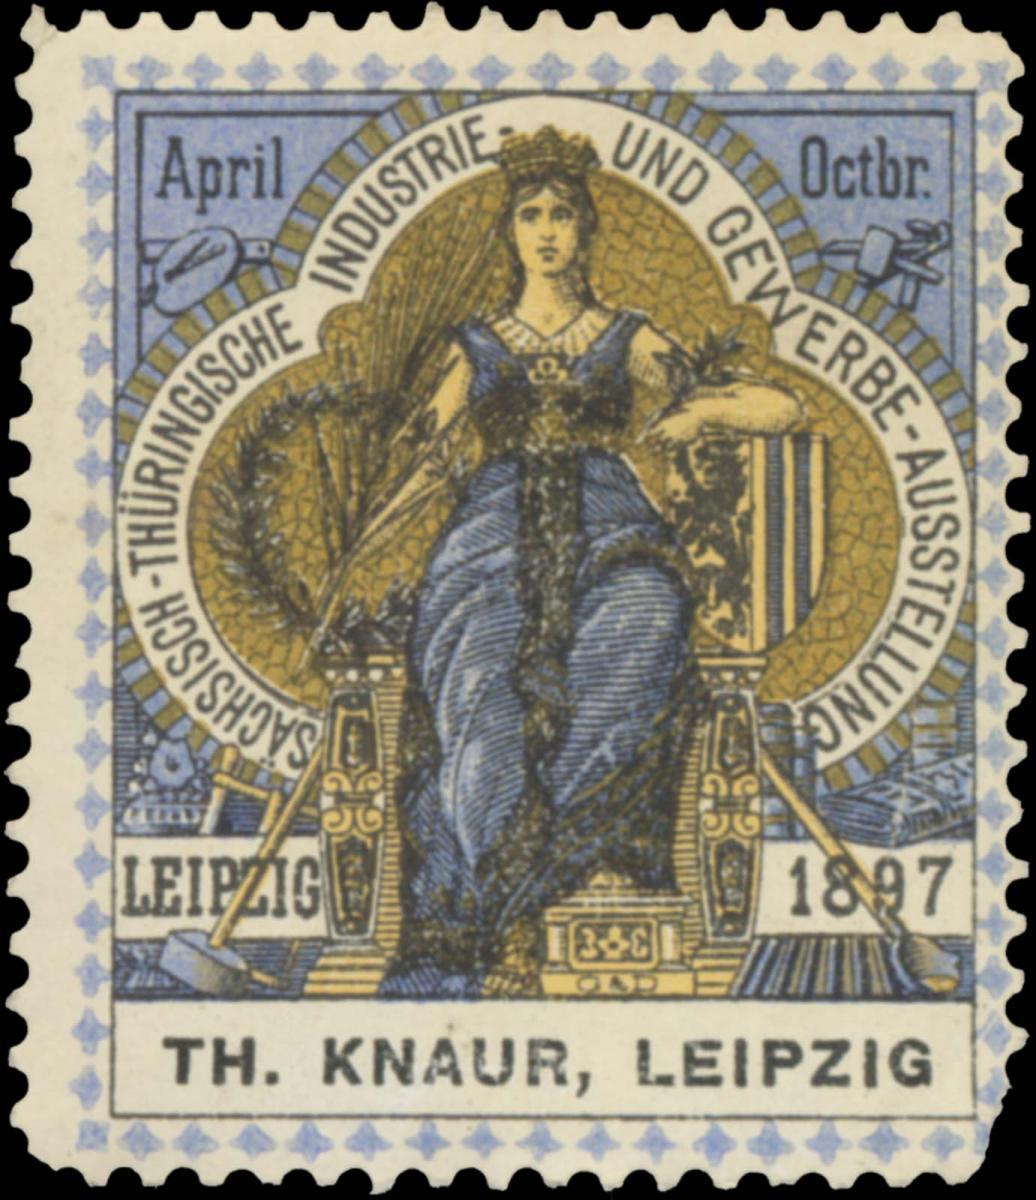 Th. Knauer